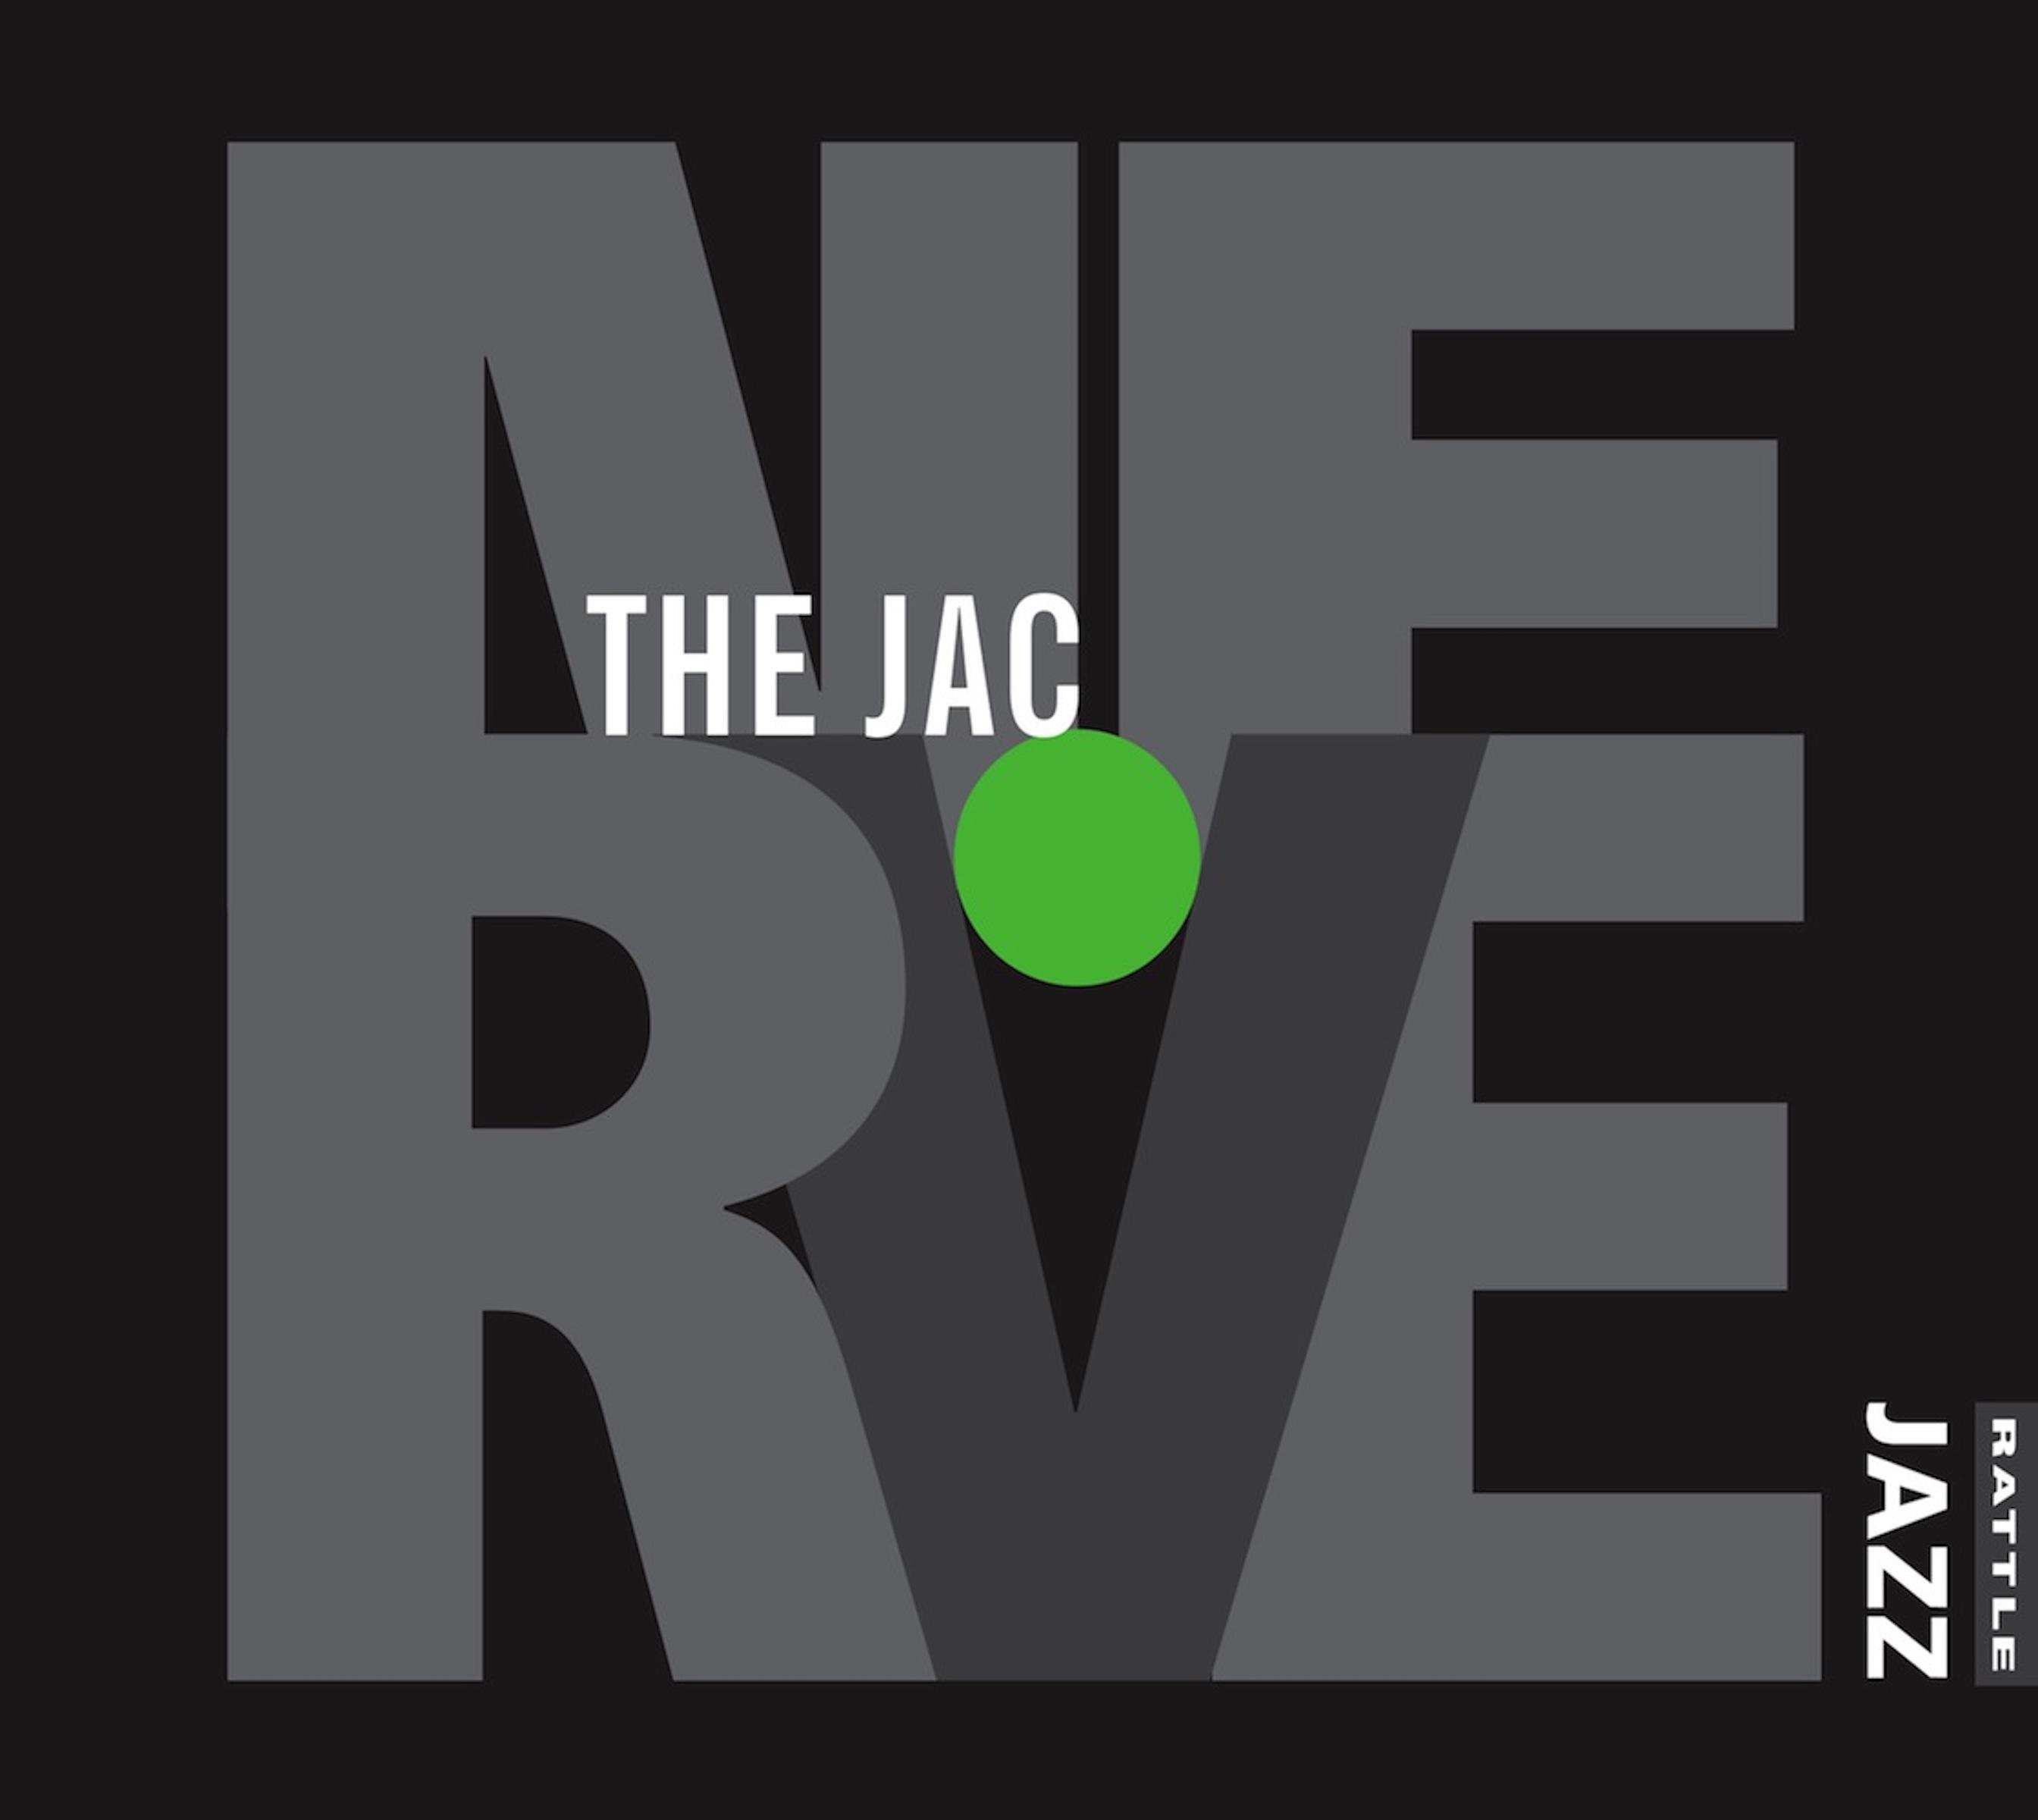 The Jac   Nerve - downloadable MP3 ALBUM